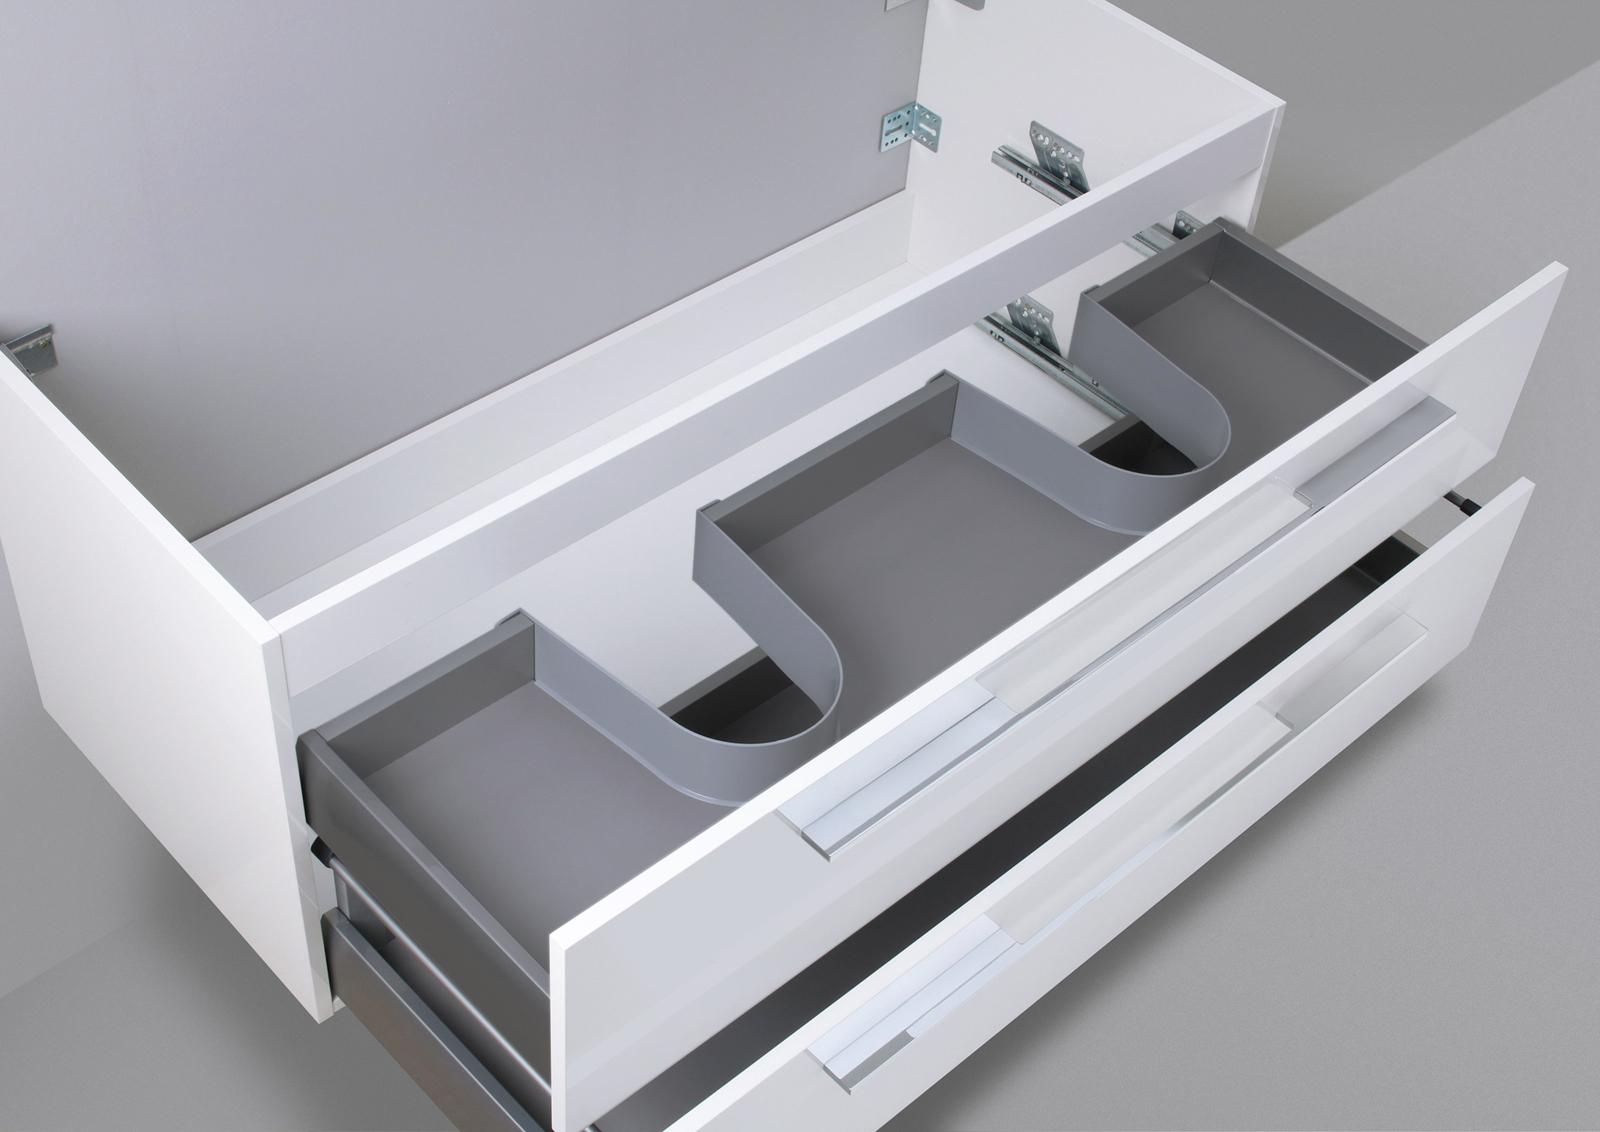 Waschtisch unterschrank als zubeh r f r mystyle 130 cm for Waschtisch mit unterschrank 120 cm